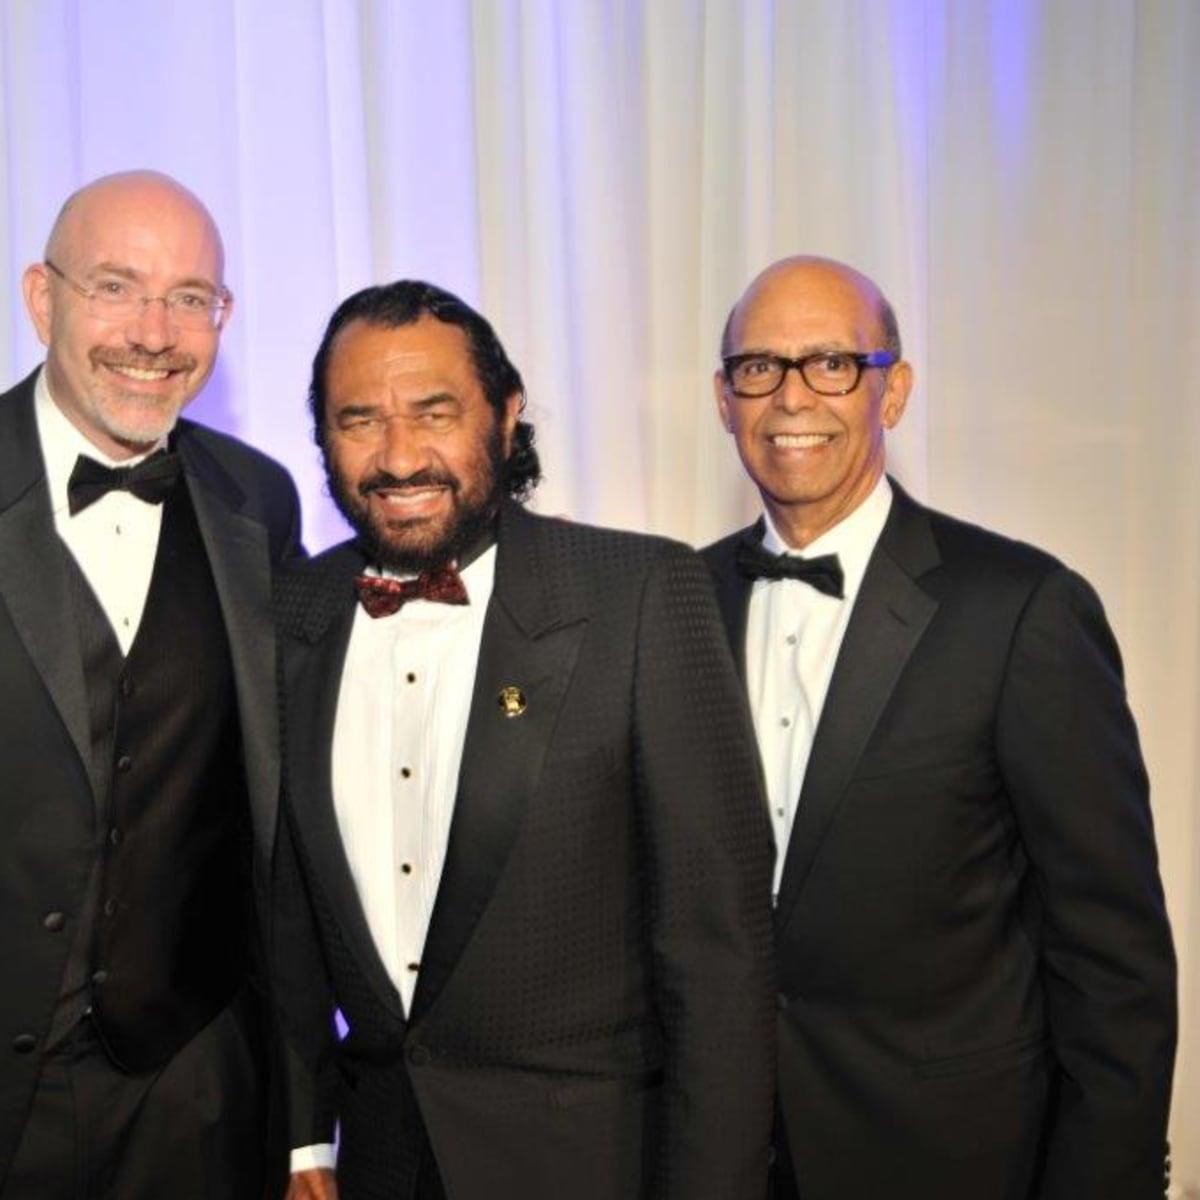 News, UNICEF Gala, Nov. 2015,Michael Feinberg, Michael L. Lomax